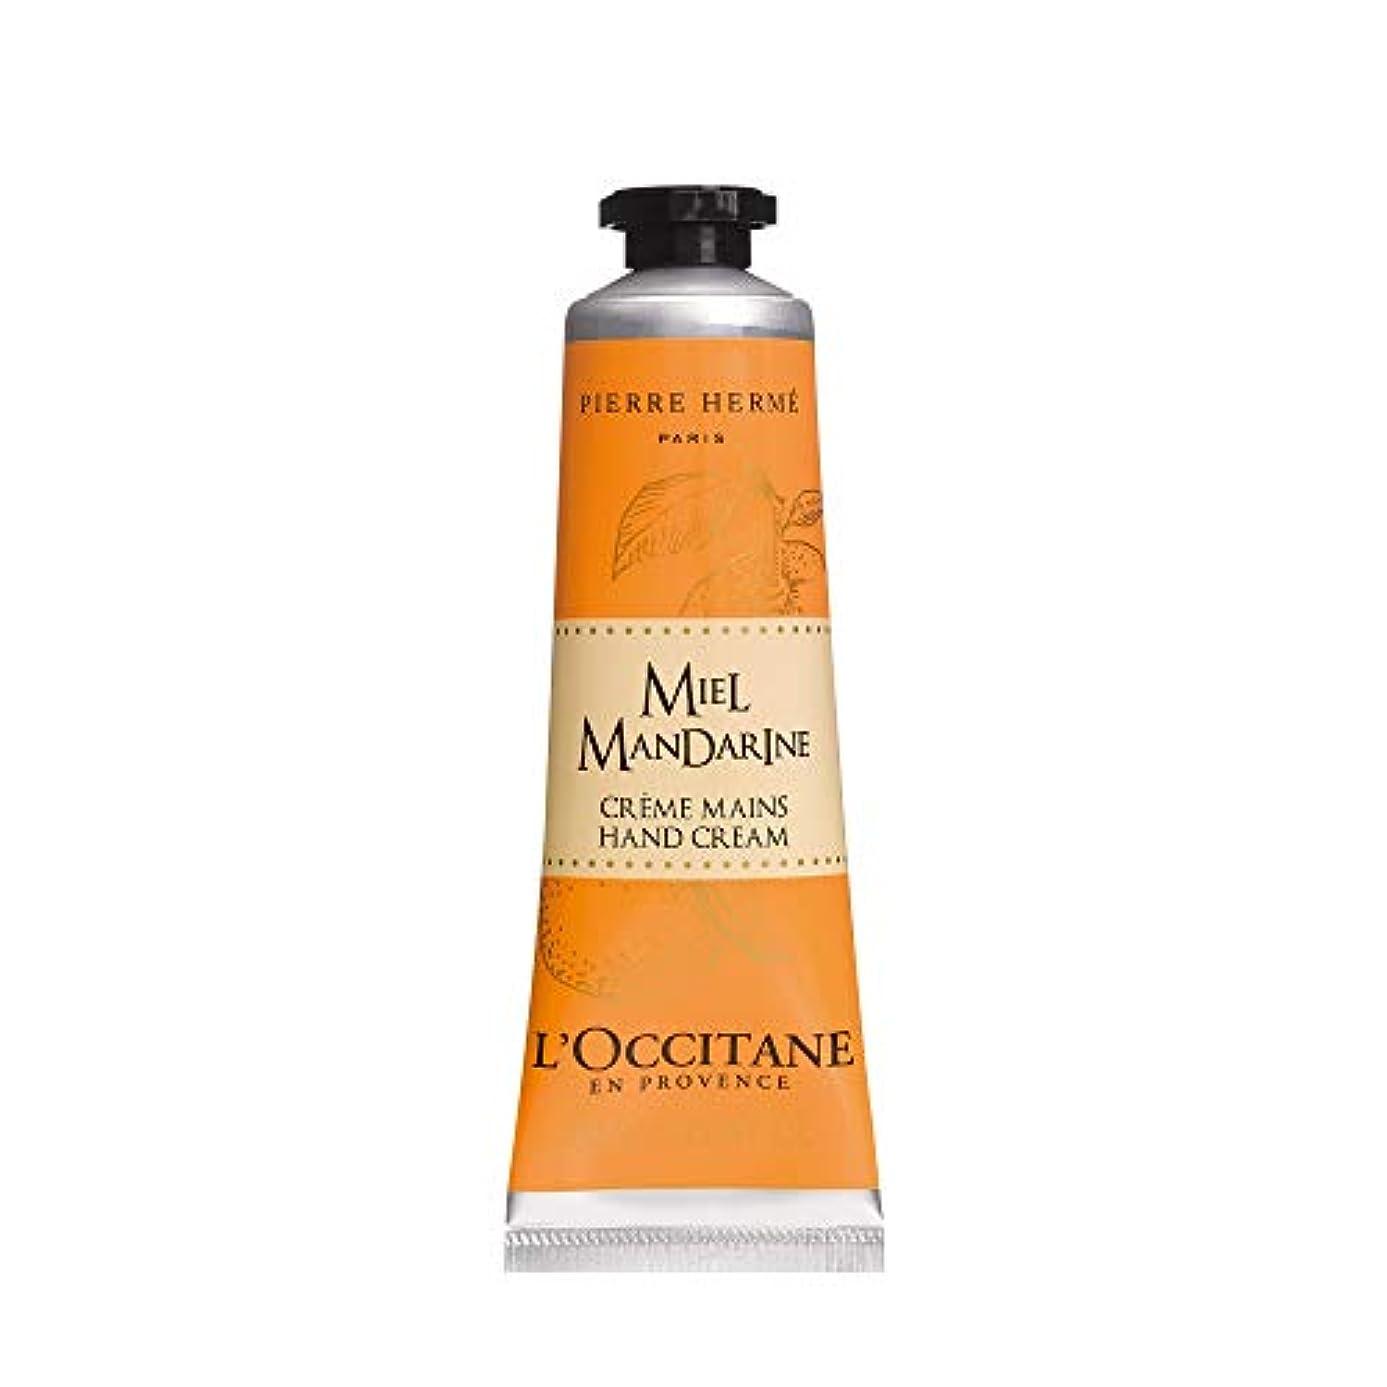 ヘッドレス同時バックアップロクシタン(L'OCCITANE) ミエルマンダリン ハンドクリーム 30ml ハートウオーミングオレンジハニー